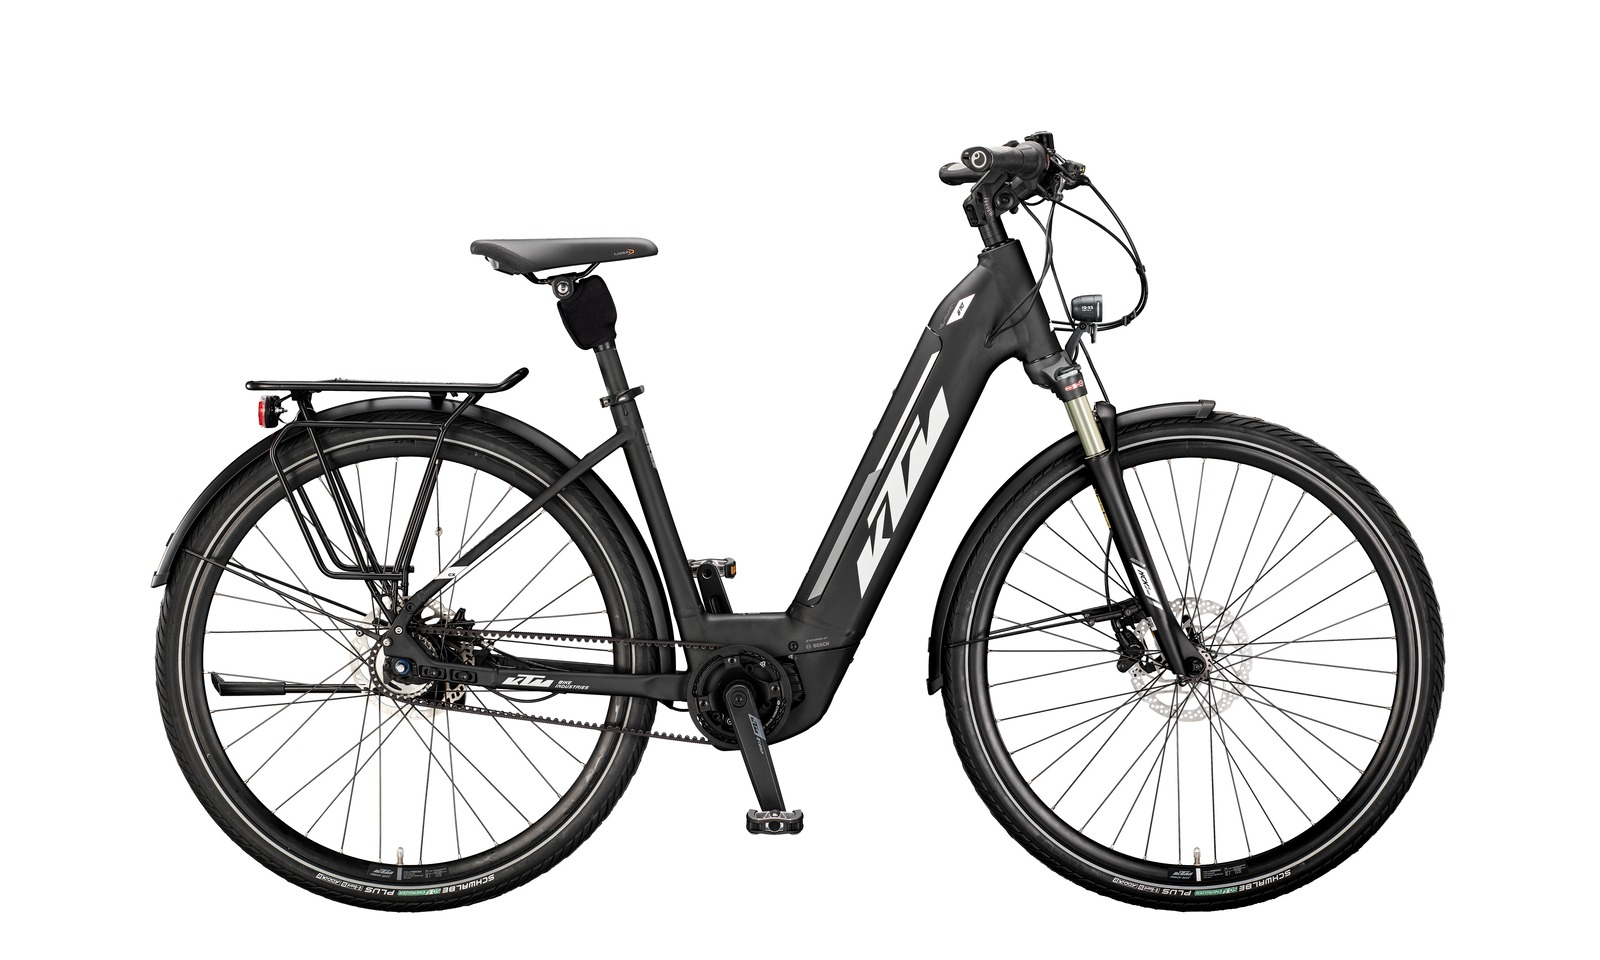 KTM fiets kopen West-Vlaanderen | KTM bikes kopen | Outletfietsen kopen West-Vlaanderen